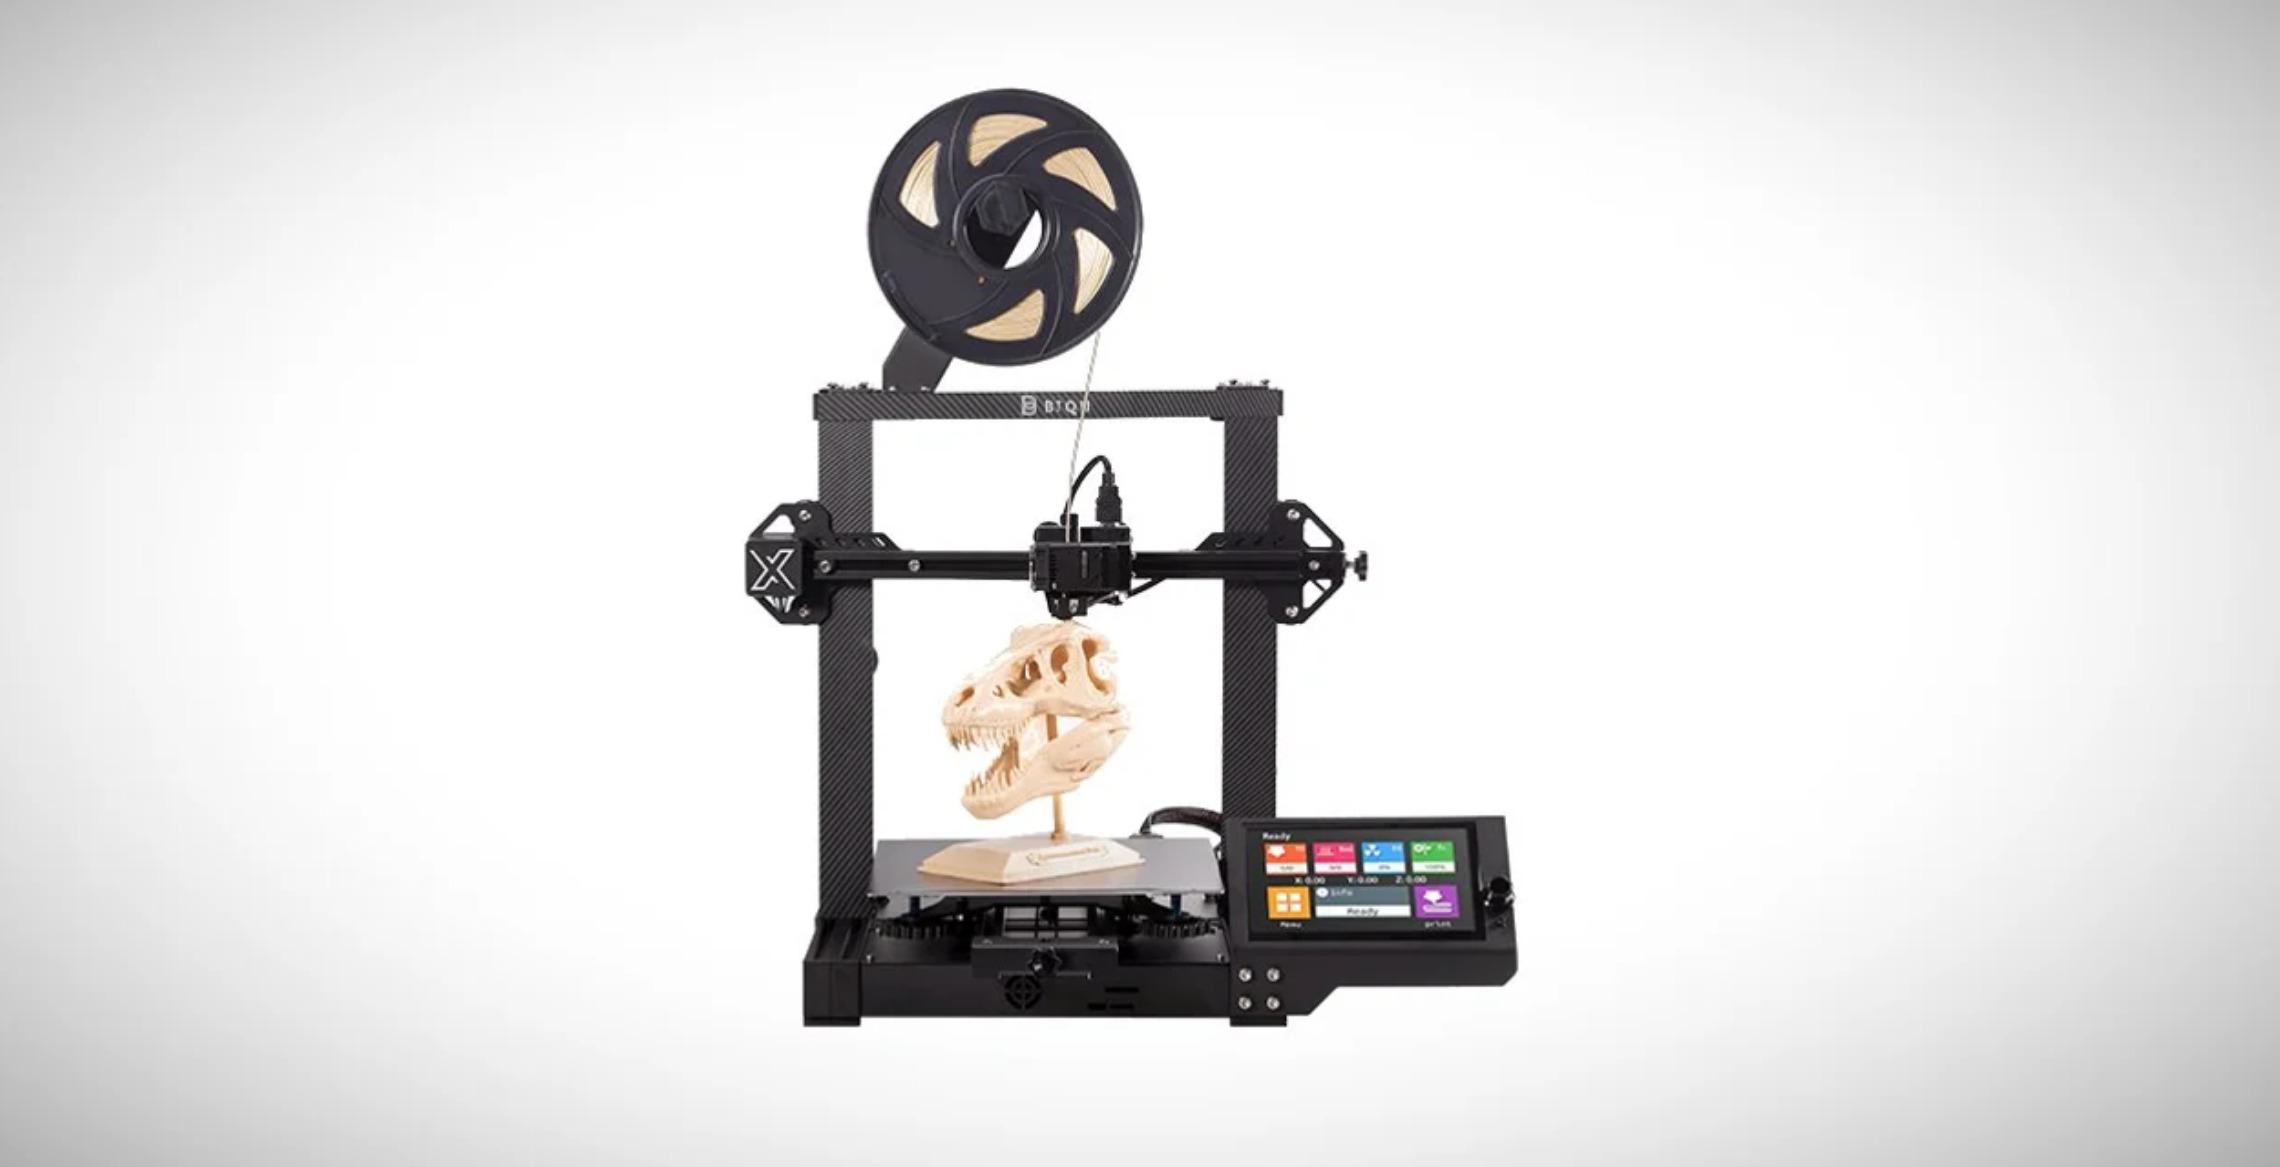 BIQU BX, World's First OctoPrint Integrated FDM 3D Printer